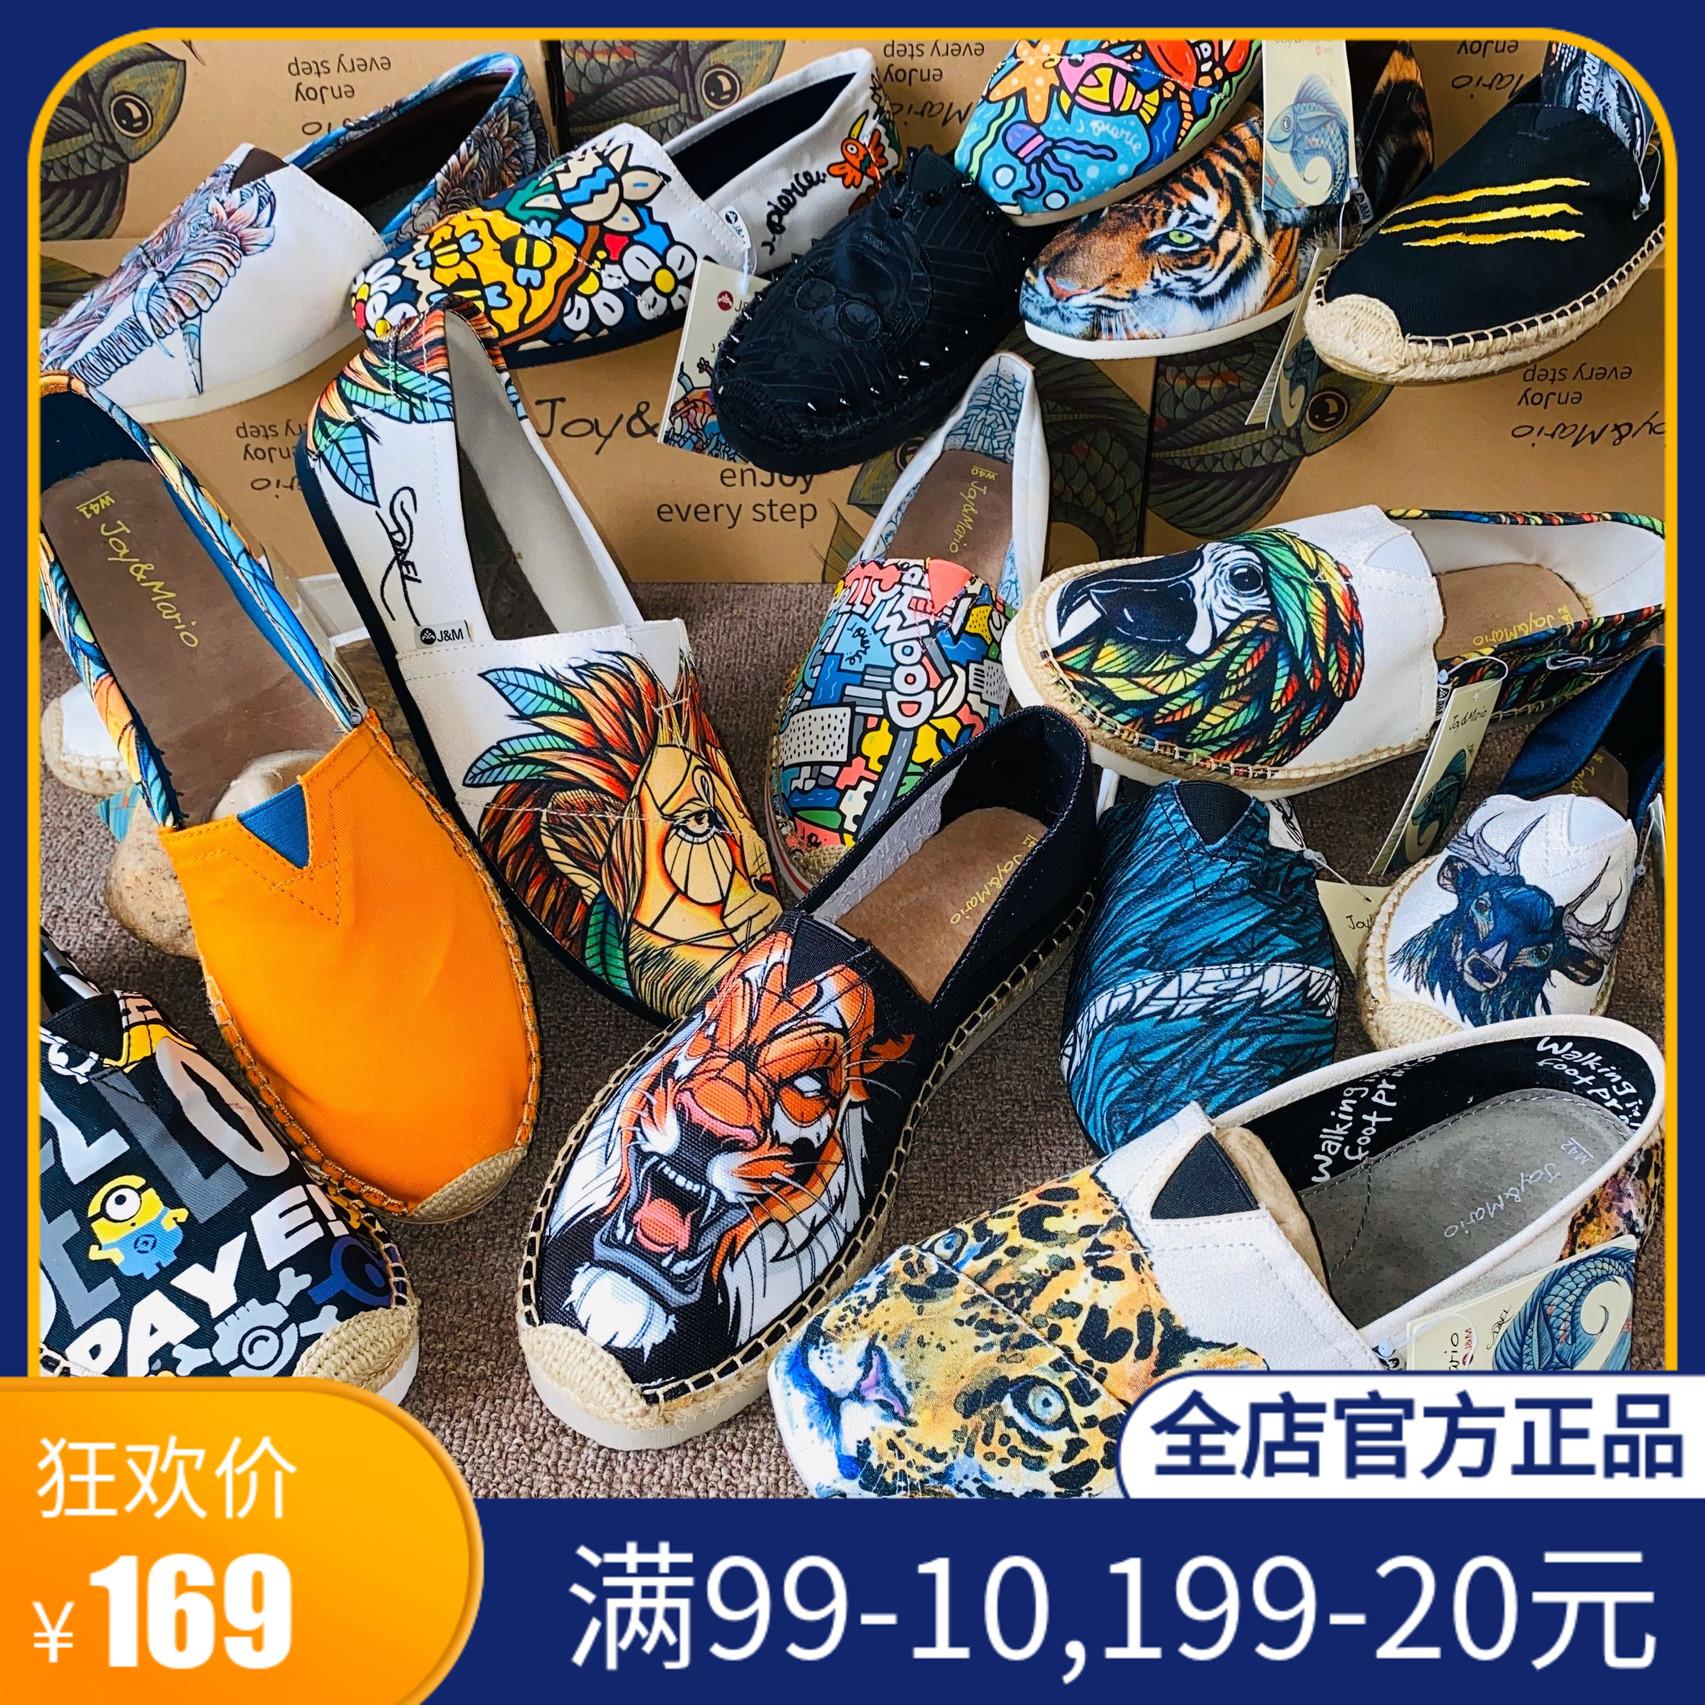 手绘帆布鞋 JM快乐玛丽61826春夏设计涂鸦虎头57301手绘小黄人帆布男女鞋子_推荐淘宝好看的女手绘帆布鞋